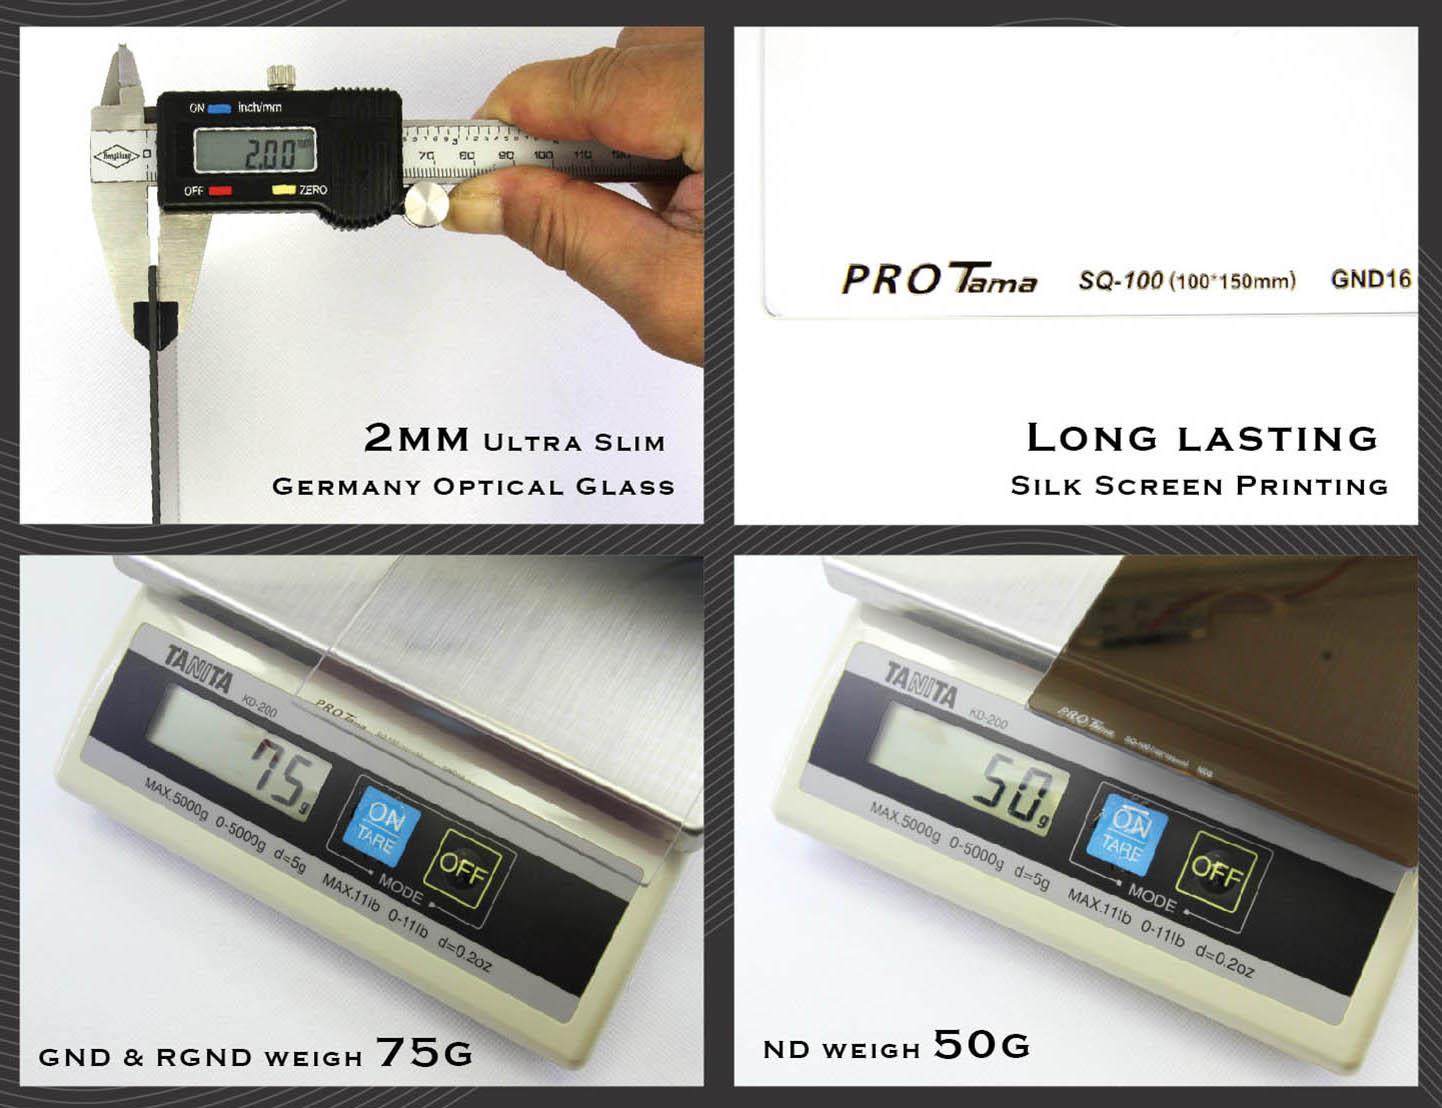 ProTama (SQ-100) Square Filter - Description